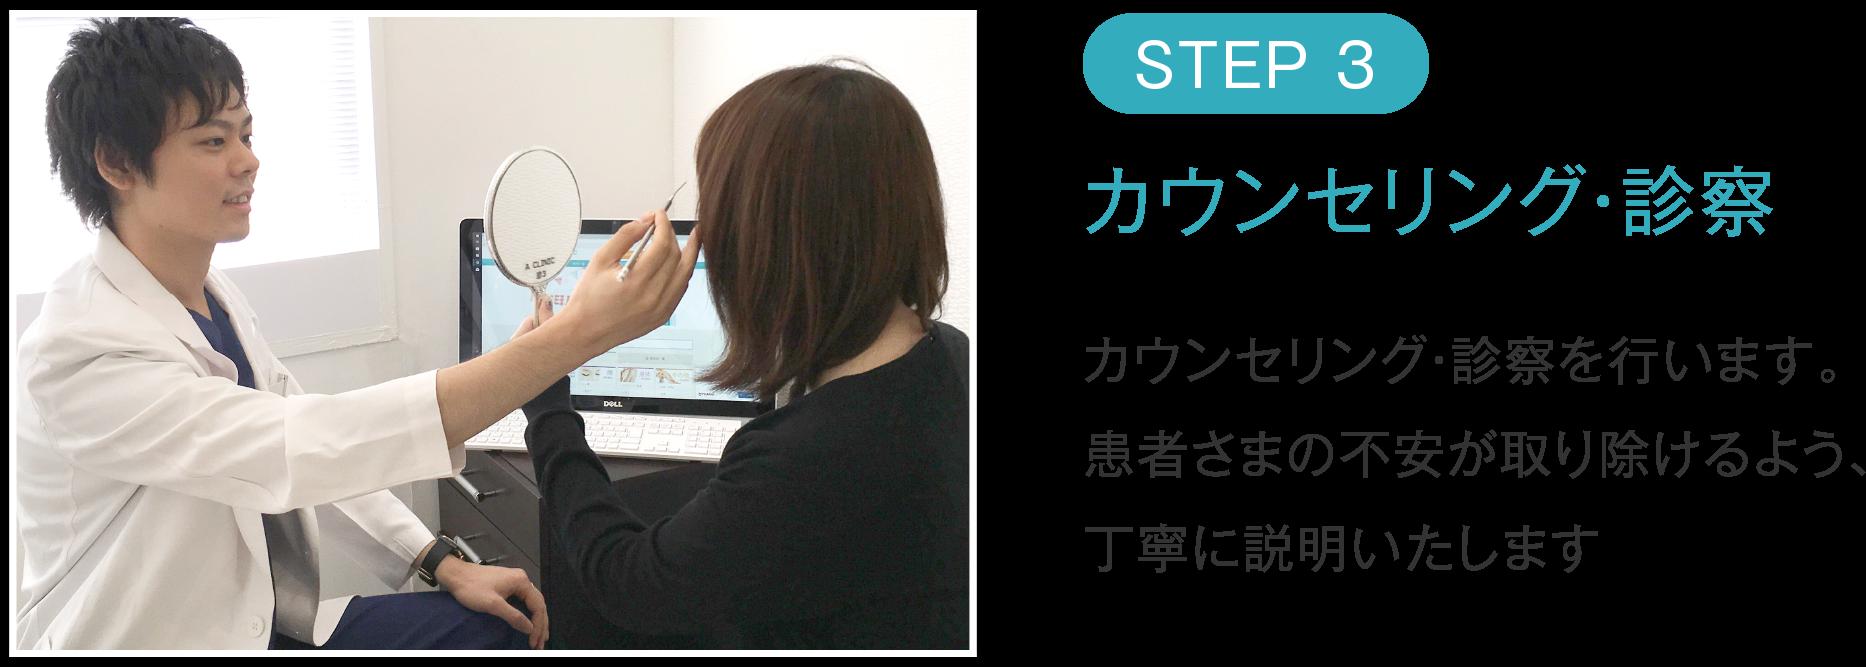 STEP03 カウンセリング・診察